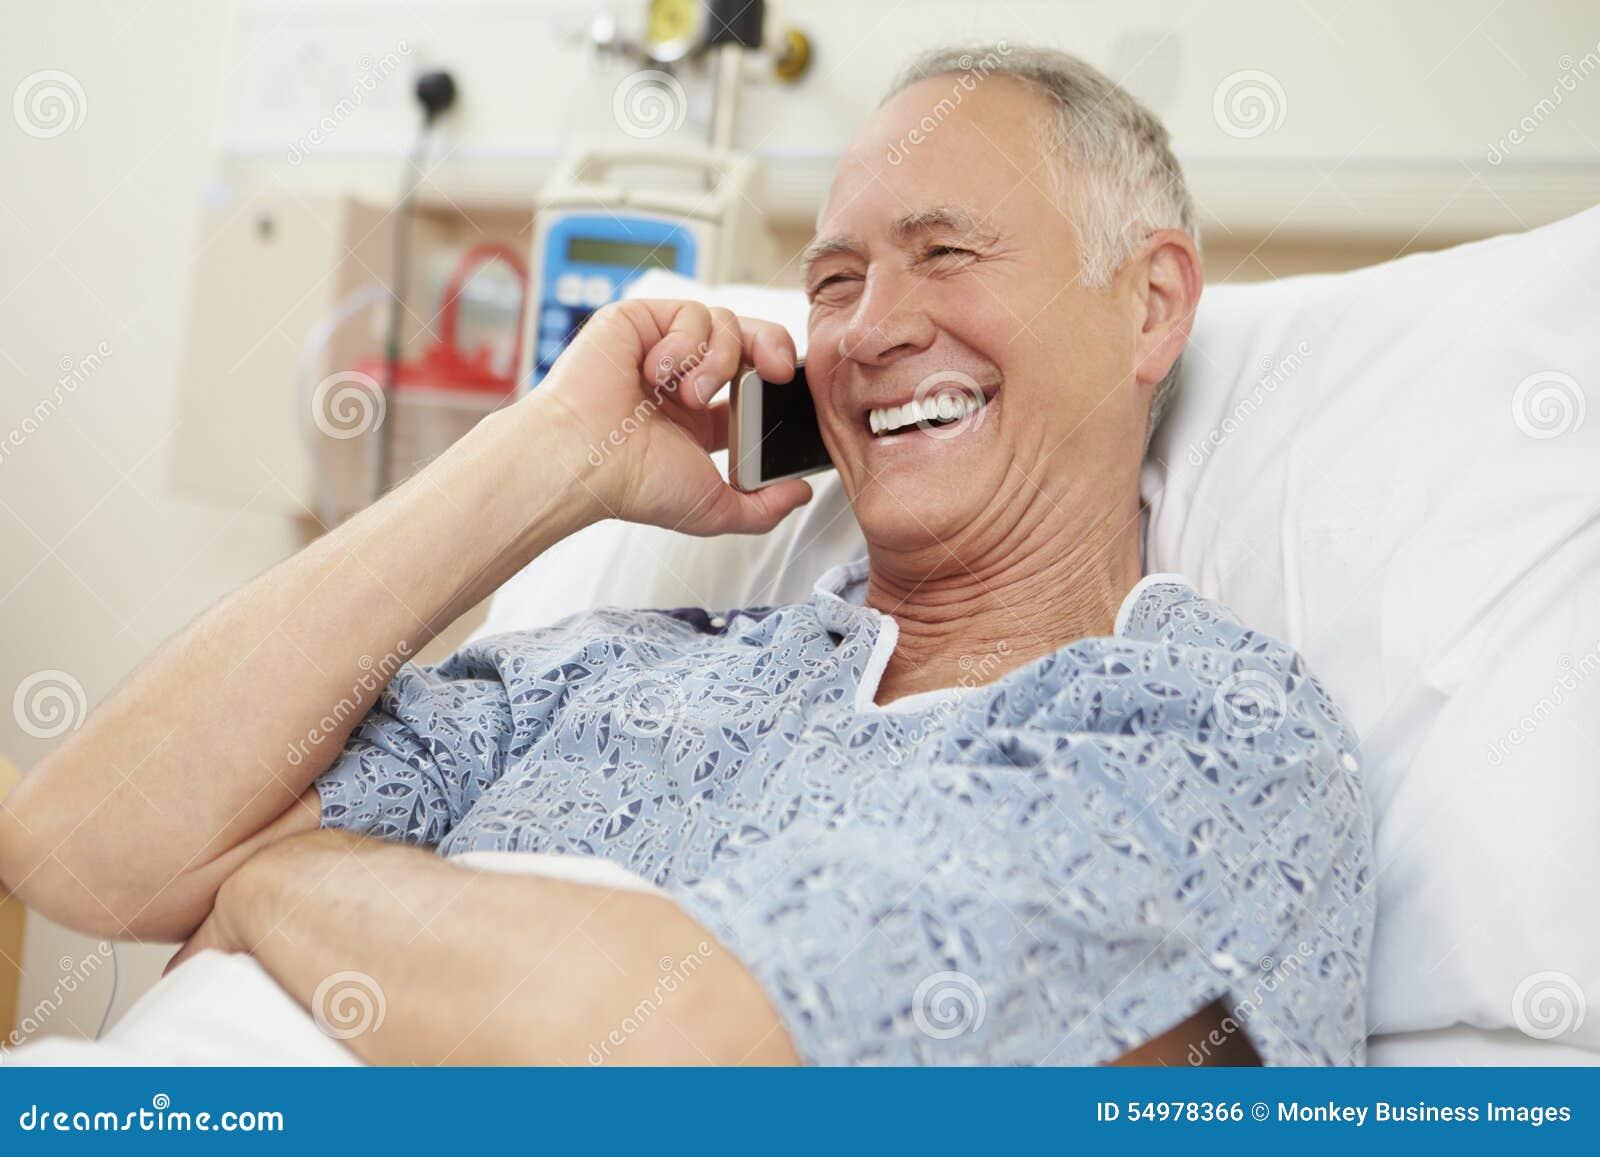 Telefone celular de utilização paciente masculino superior na cama de hospital